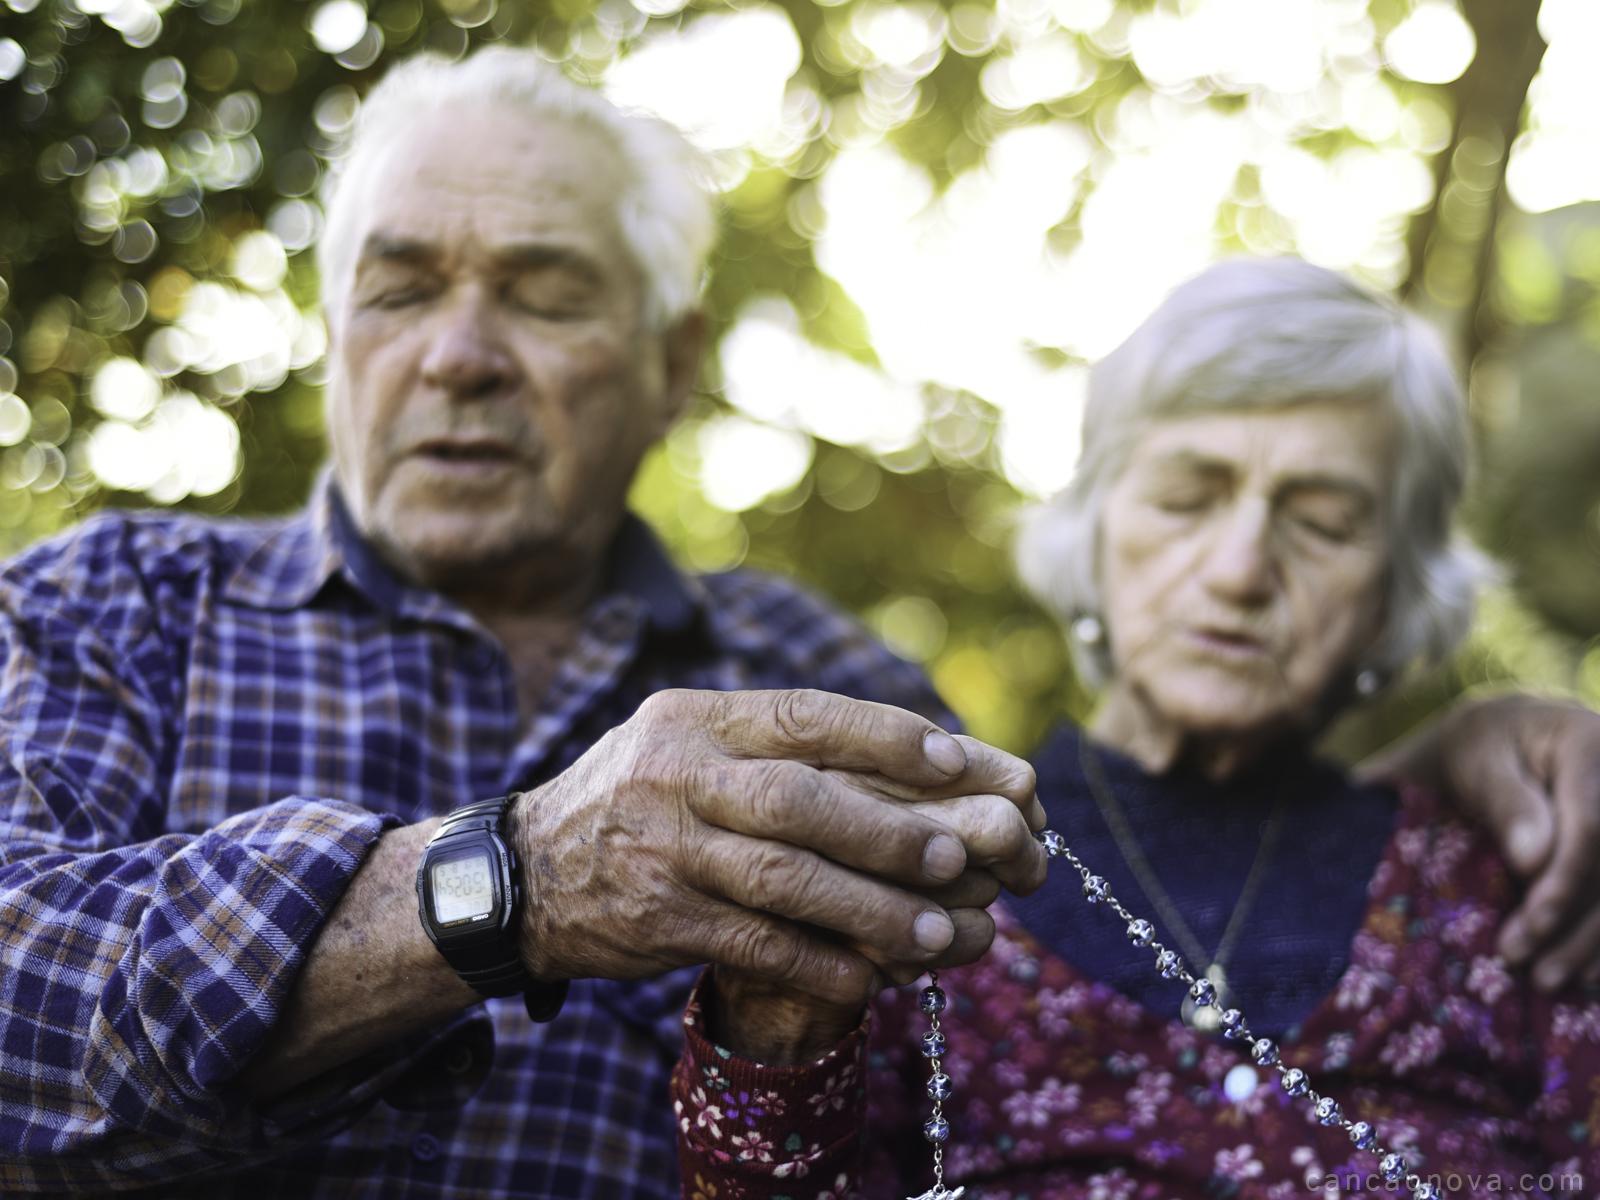 Como cultivar uma vida espiritual em família neste tempo?